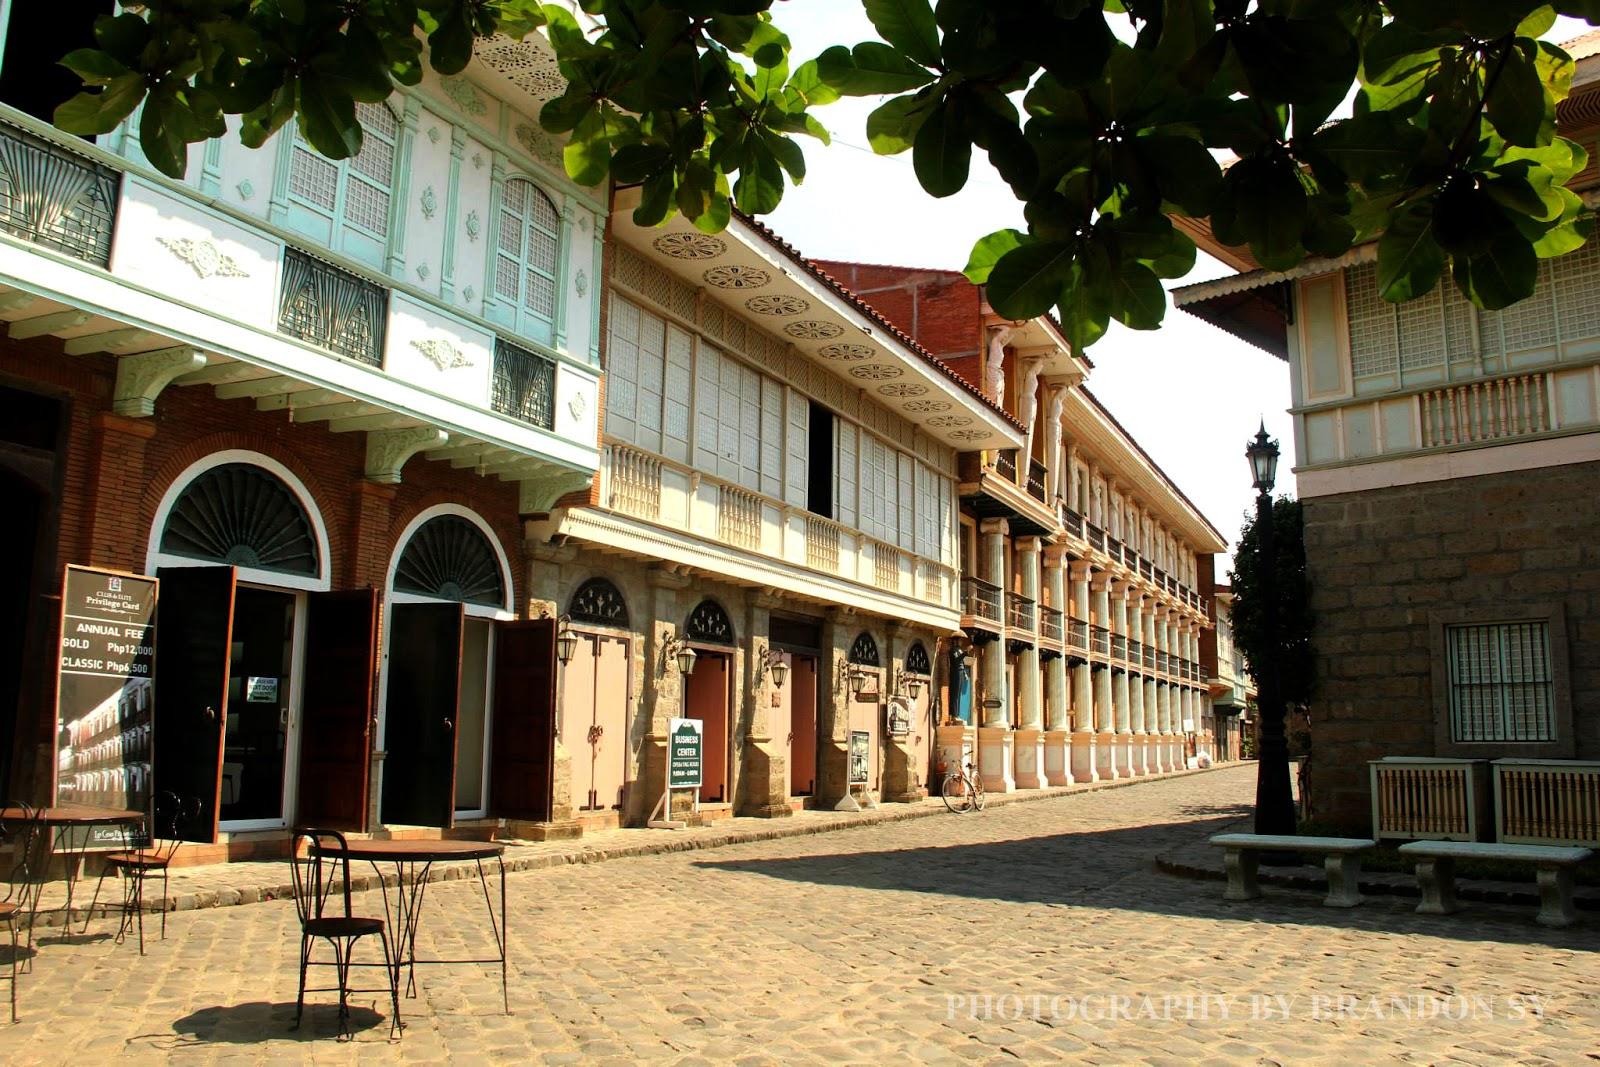 Las Casas Filipinas de Acuzar in Bagac, Bataan, Philippines by Brandon Sy